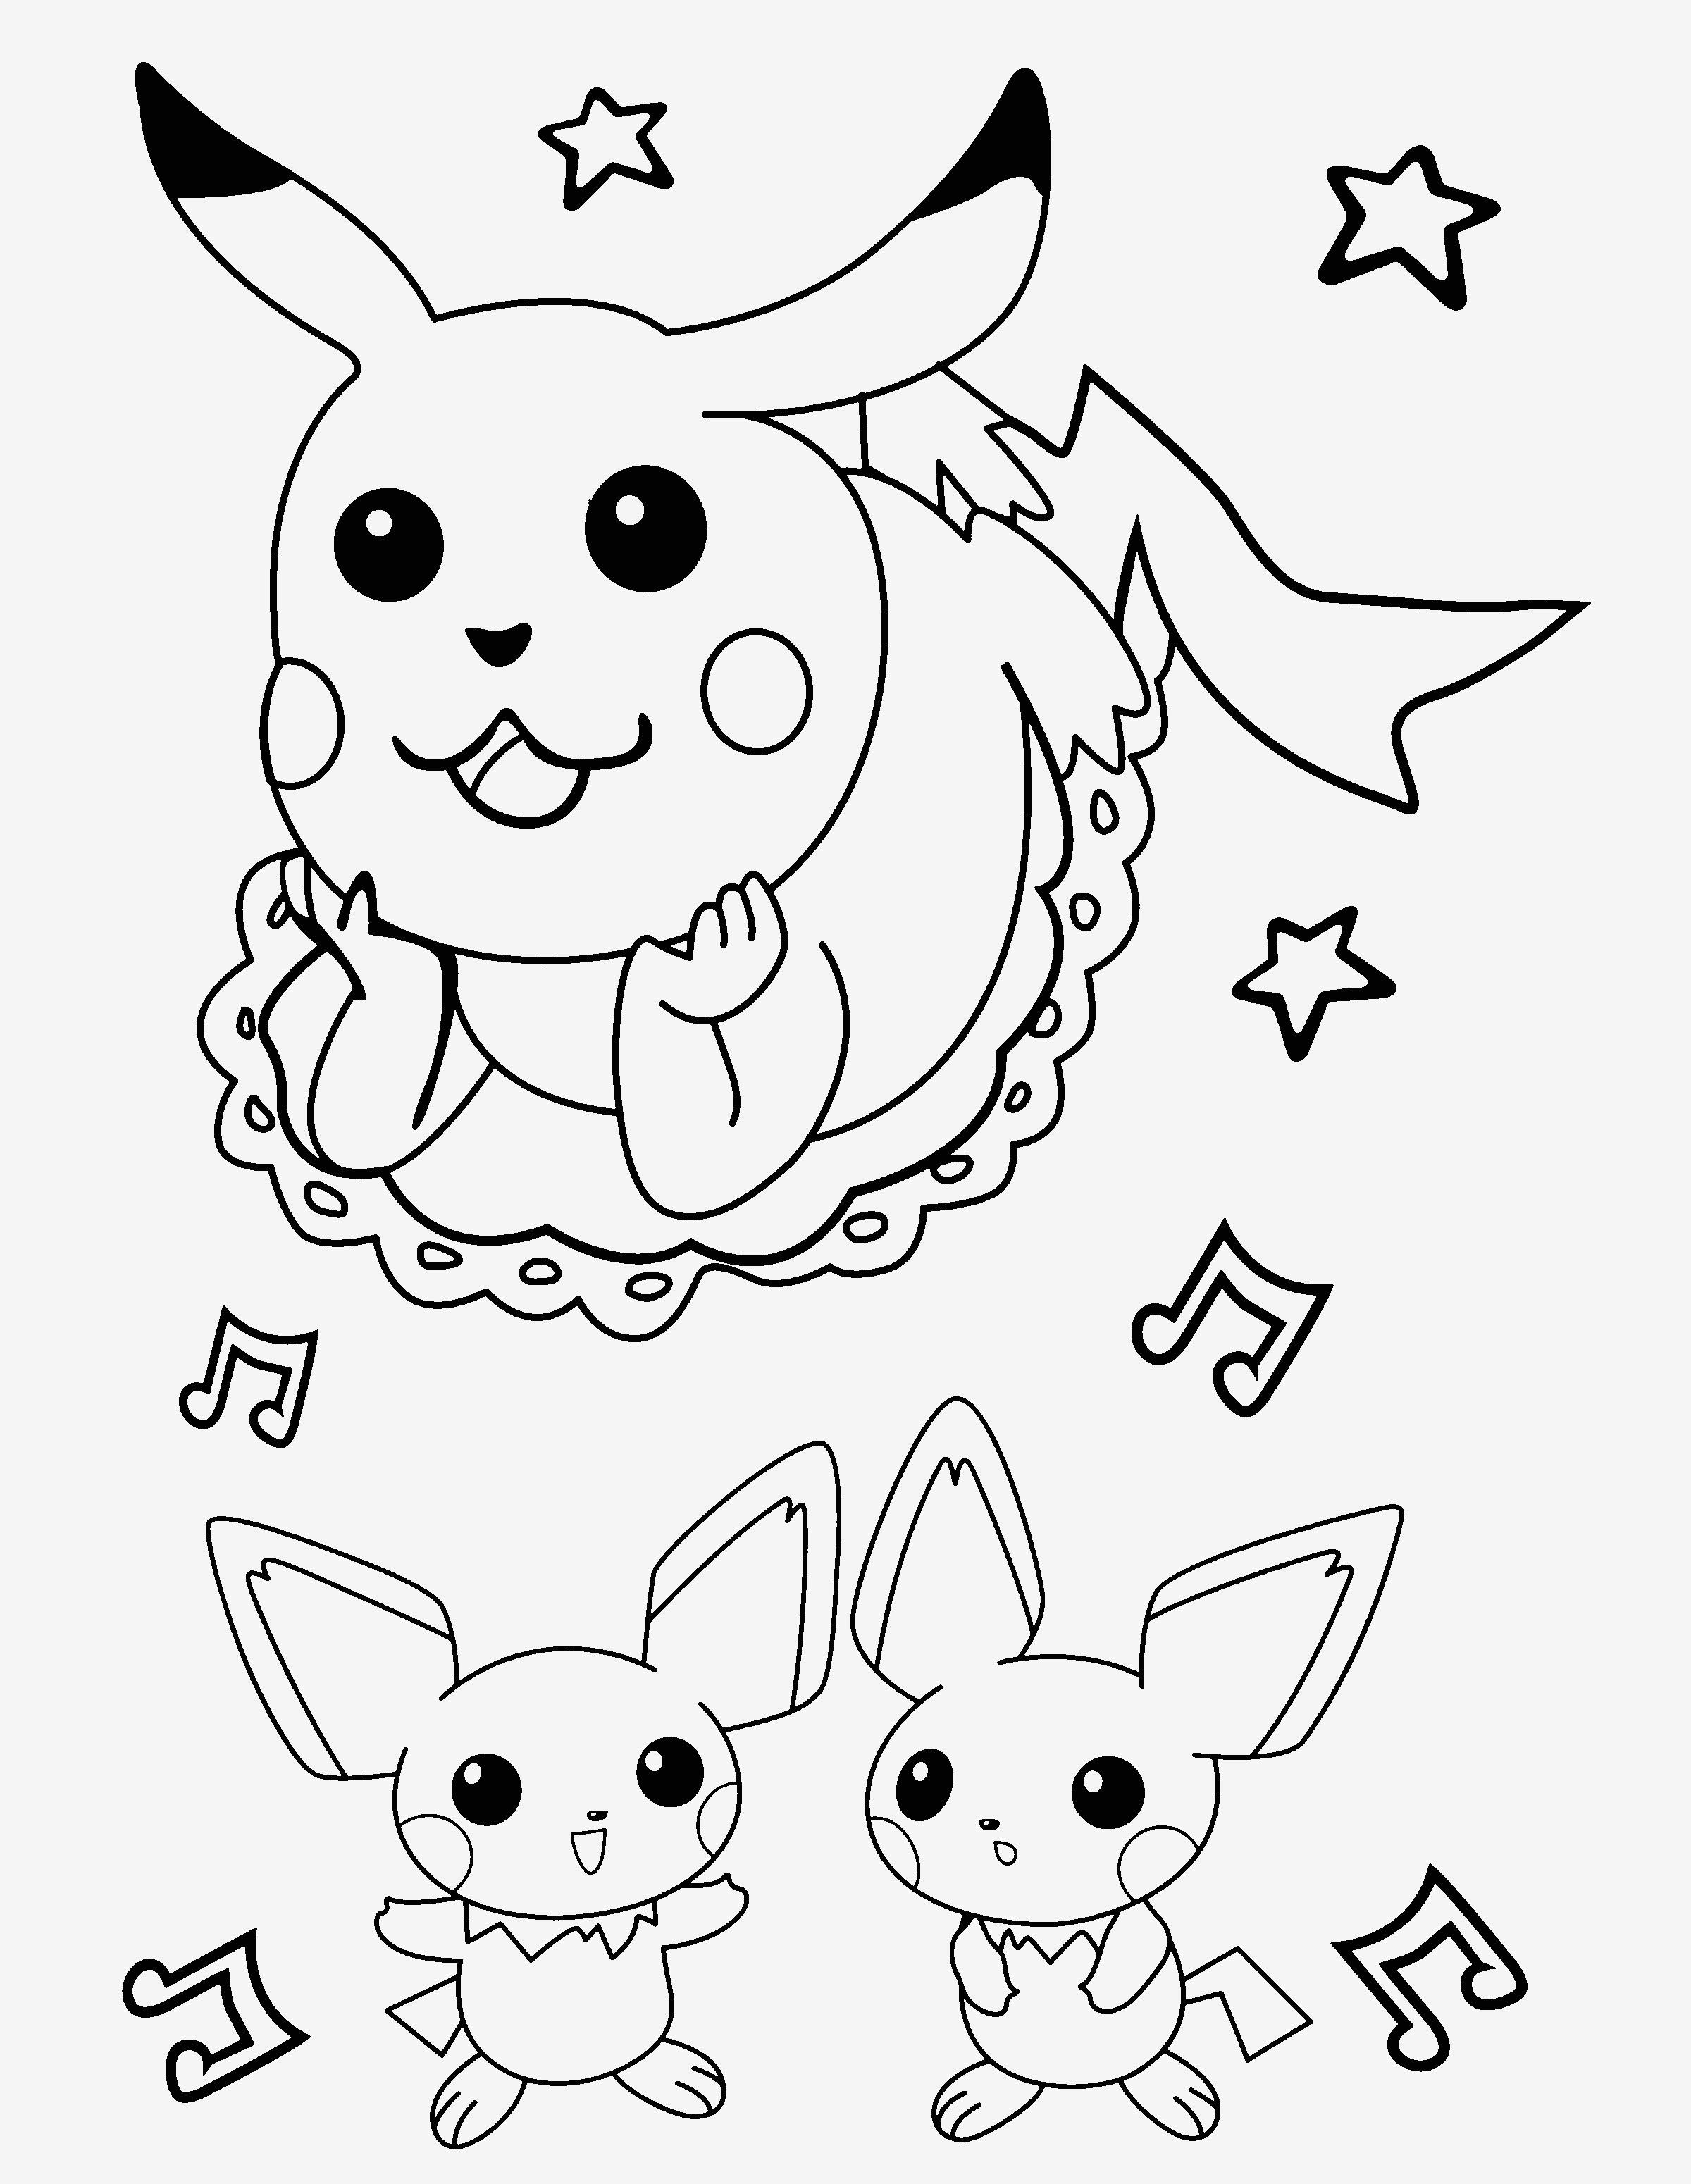 Pokemon Bilder Zum Ausdrucken In Farbe Frisch 35 Malvorlagen Maus Scoredatscore Schön Ausmalbilder Pokemon Zum Sammlung